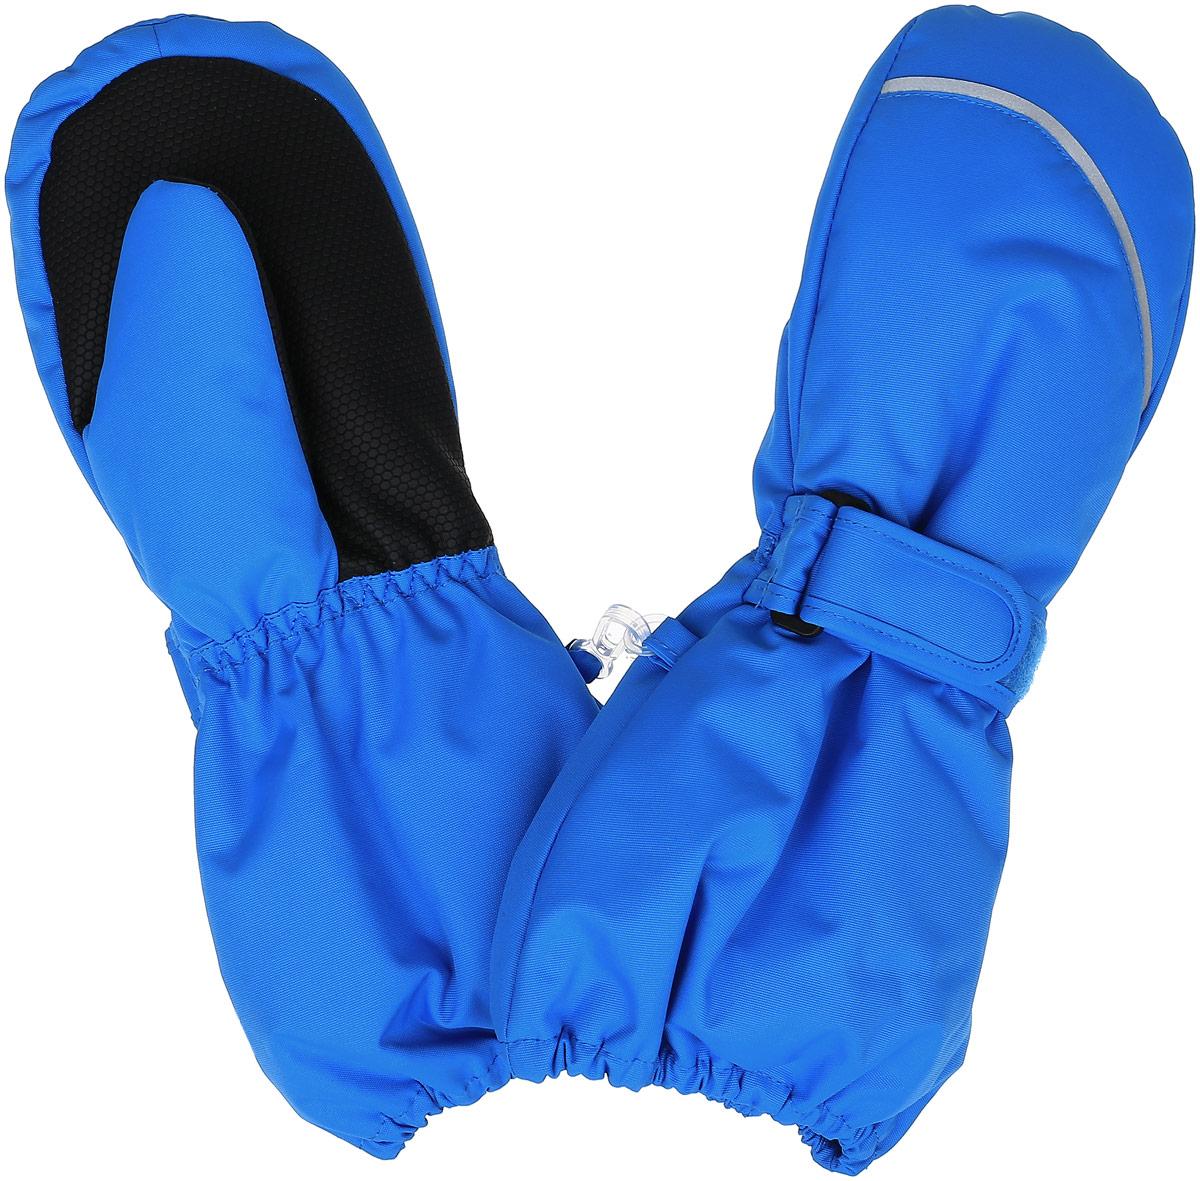 Варежки детские527256_4900Теплые варежки Reima Tomino с высокой степенью утепления, идеально подойдут для прогулок и игр на свежем воздухе! Варежки изготовлены из водонепроницаемой и ветрозащитной мембранной ткани, утеплитель Reima Comfort - 80 г/м.кв. Благодаря специальной обработке полиуретаном поверхность изделия отталкивает грязь и воду, что облегчает поддержание аккуратного вида. Дышащий материал хорошо пропускает воздух, обеспечивая комфорт при носке. Варежки на теплой подкладке, дополнены длинными широкими манжетами, а также эластичной резинкой на запястье и по краю изделия. С внешней стороны варежки дополнены хлястиками на липучках. Предусмотрены светоотражающие вставки для безопасности в темное время суток. Оригинальный дизайн и модная расцветка делают эти варежки модным и стильным предметом детского гардероба. В них ваш ребенок будет чувствовать себя уютно и комфортно и всегда будет в центре внимания! Температурный режим от 0С до -25С